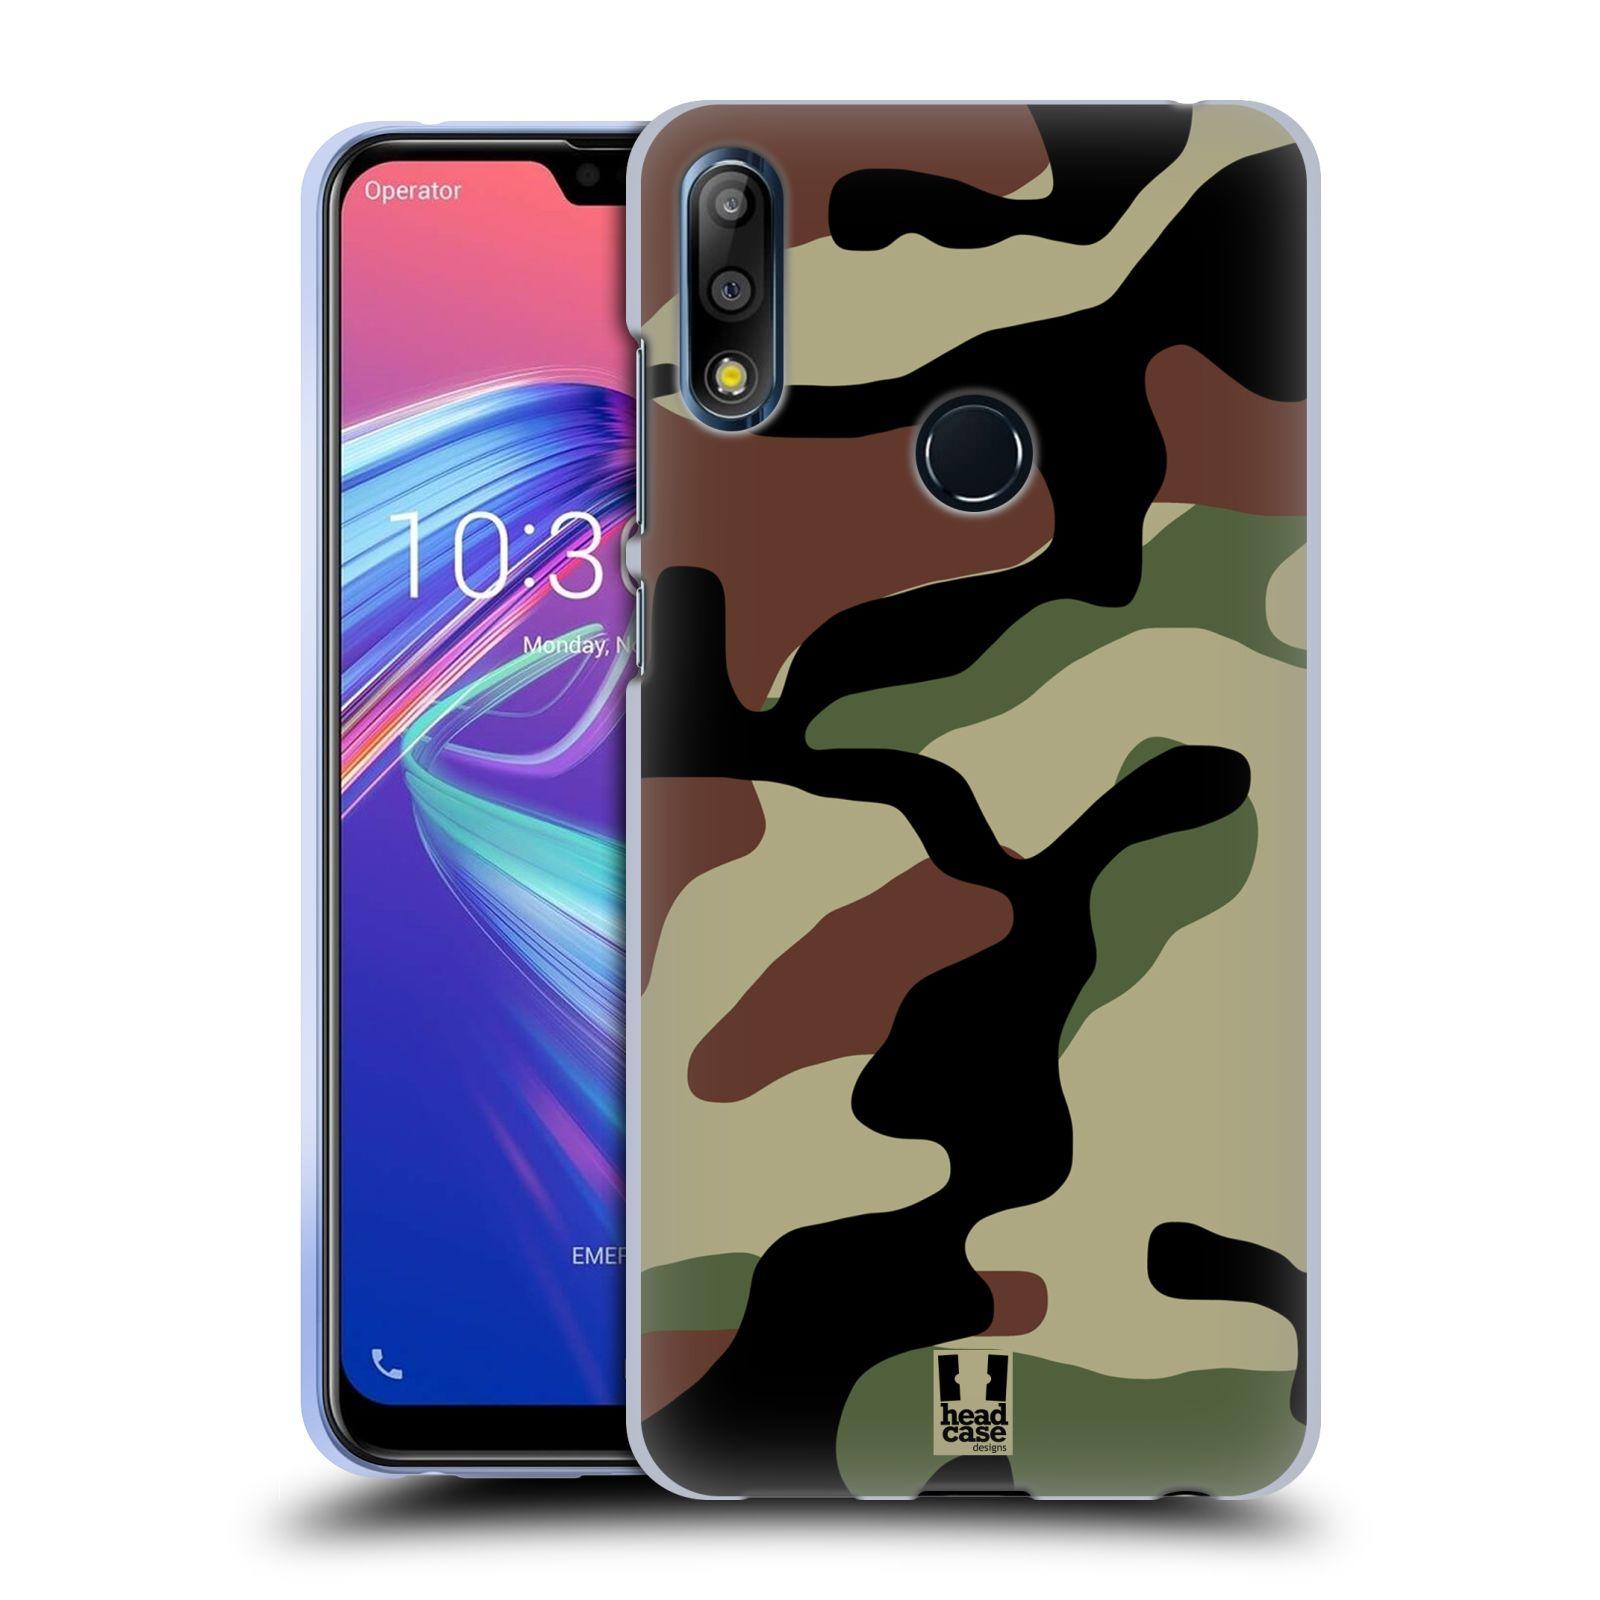 Silikonové pouzdro na mobil Asus Zenfone Max Pro M2 ZB631KL - Head Case - Maskáče